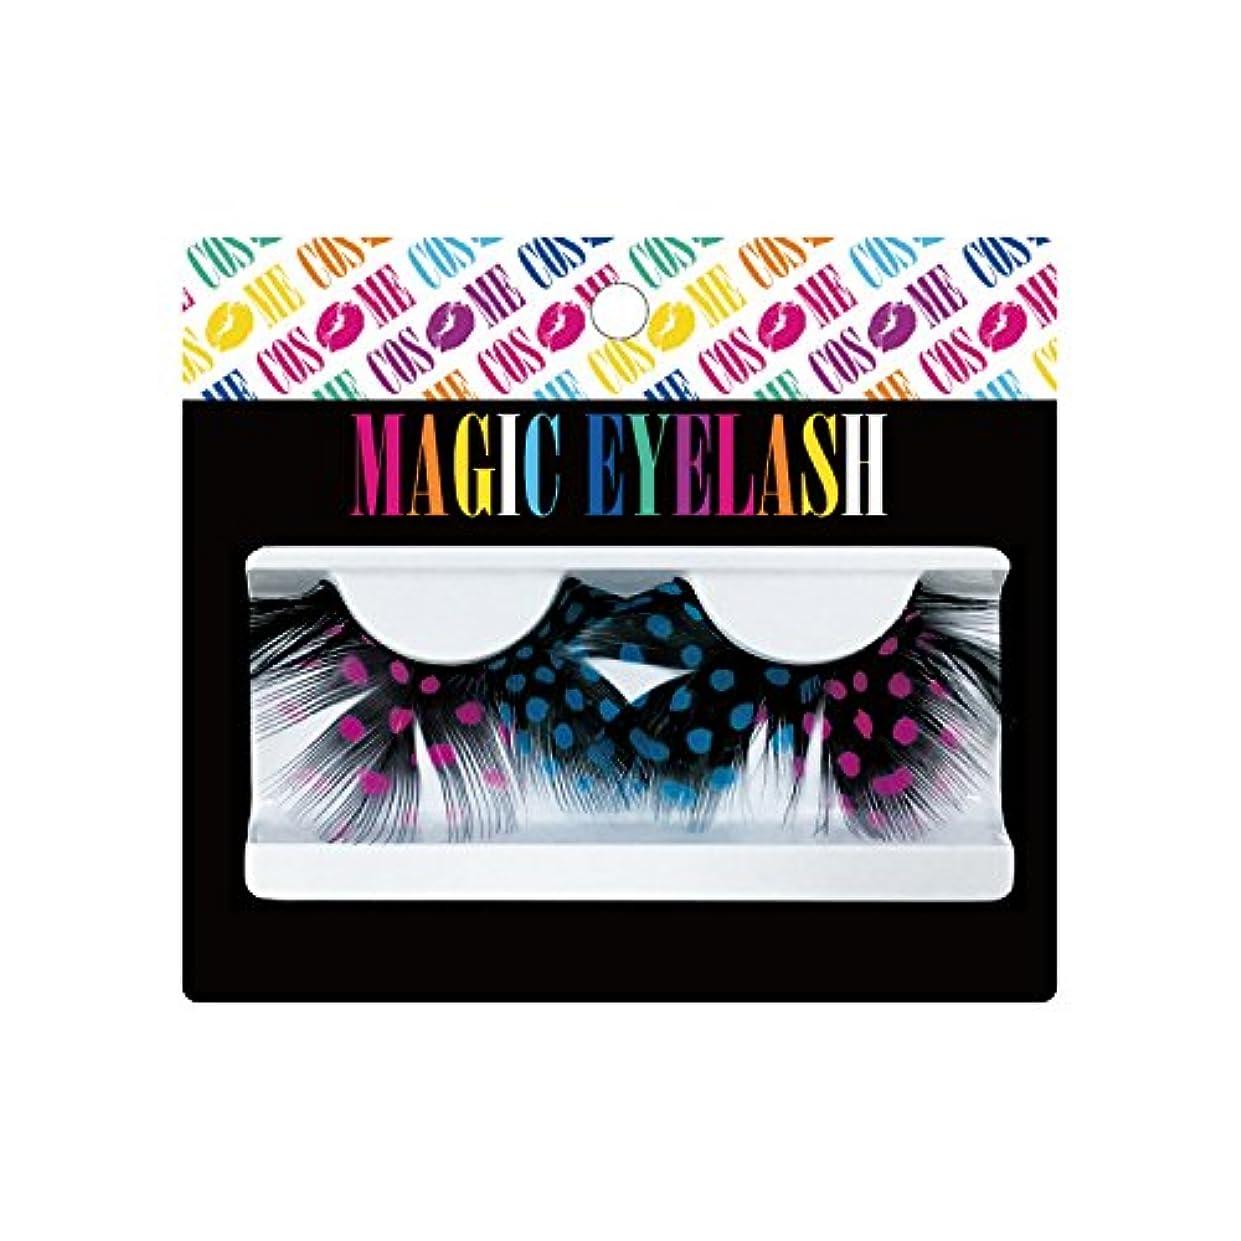 ラウズシーボードビリーヤギピュア つけまつげ MAGIC EYELASH マジック アイラッシュ #8